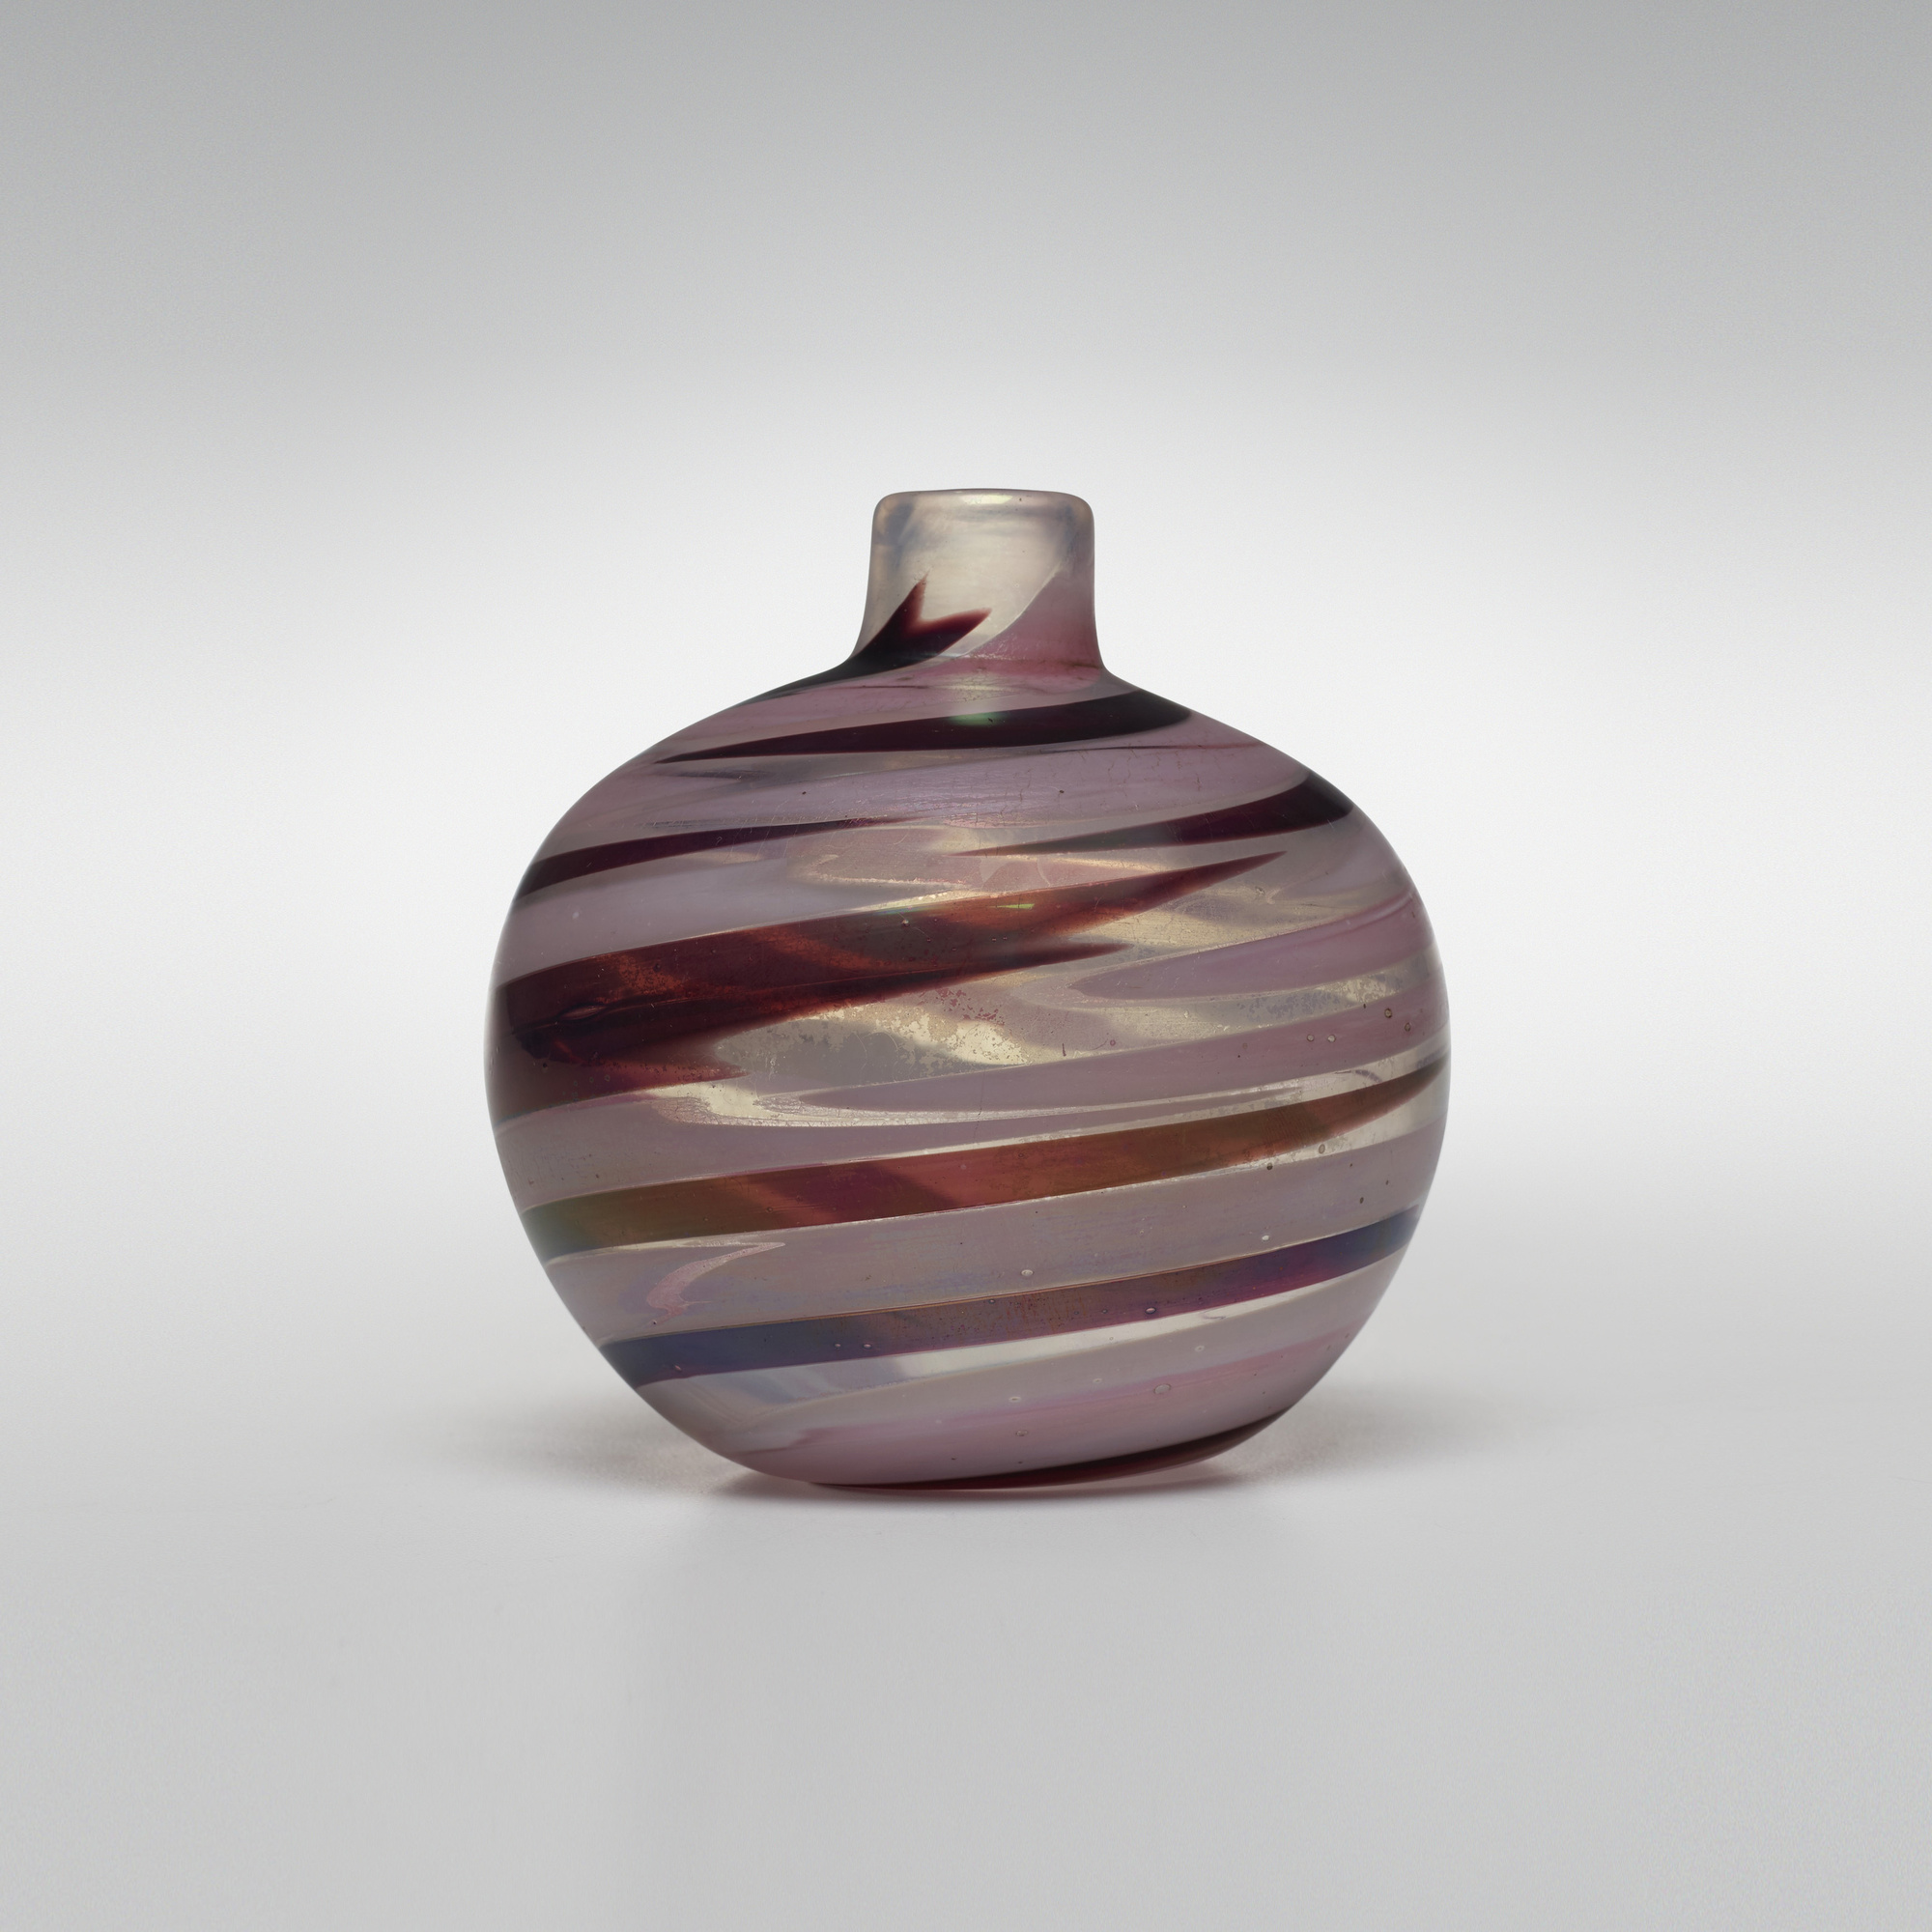 42: Carlo Scarpa / Rare Pennellate vase, model 3788 (2 of 3)